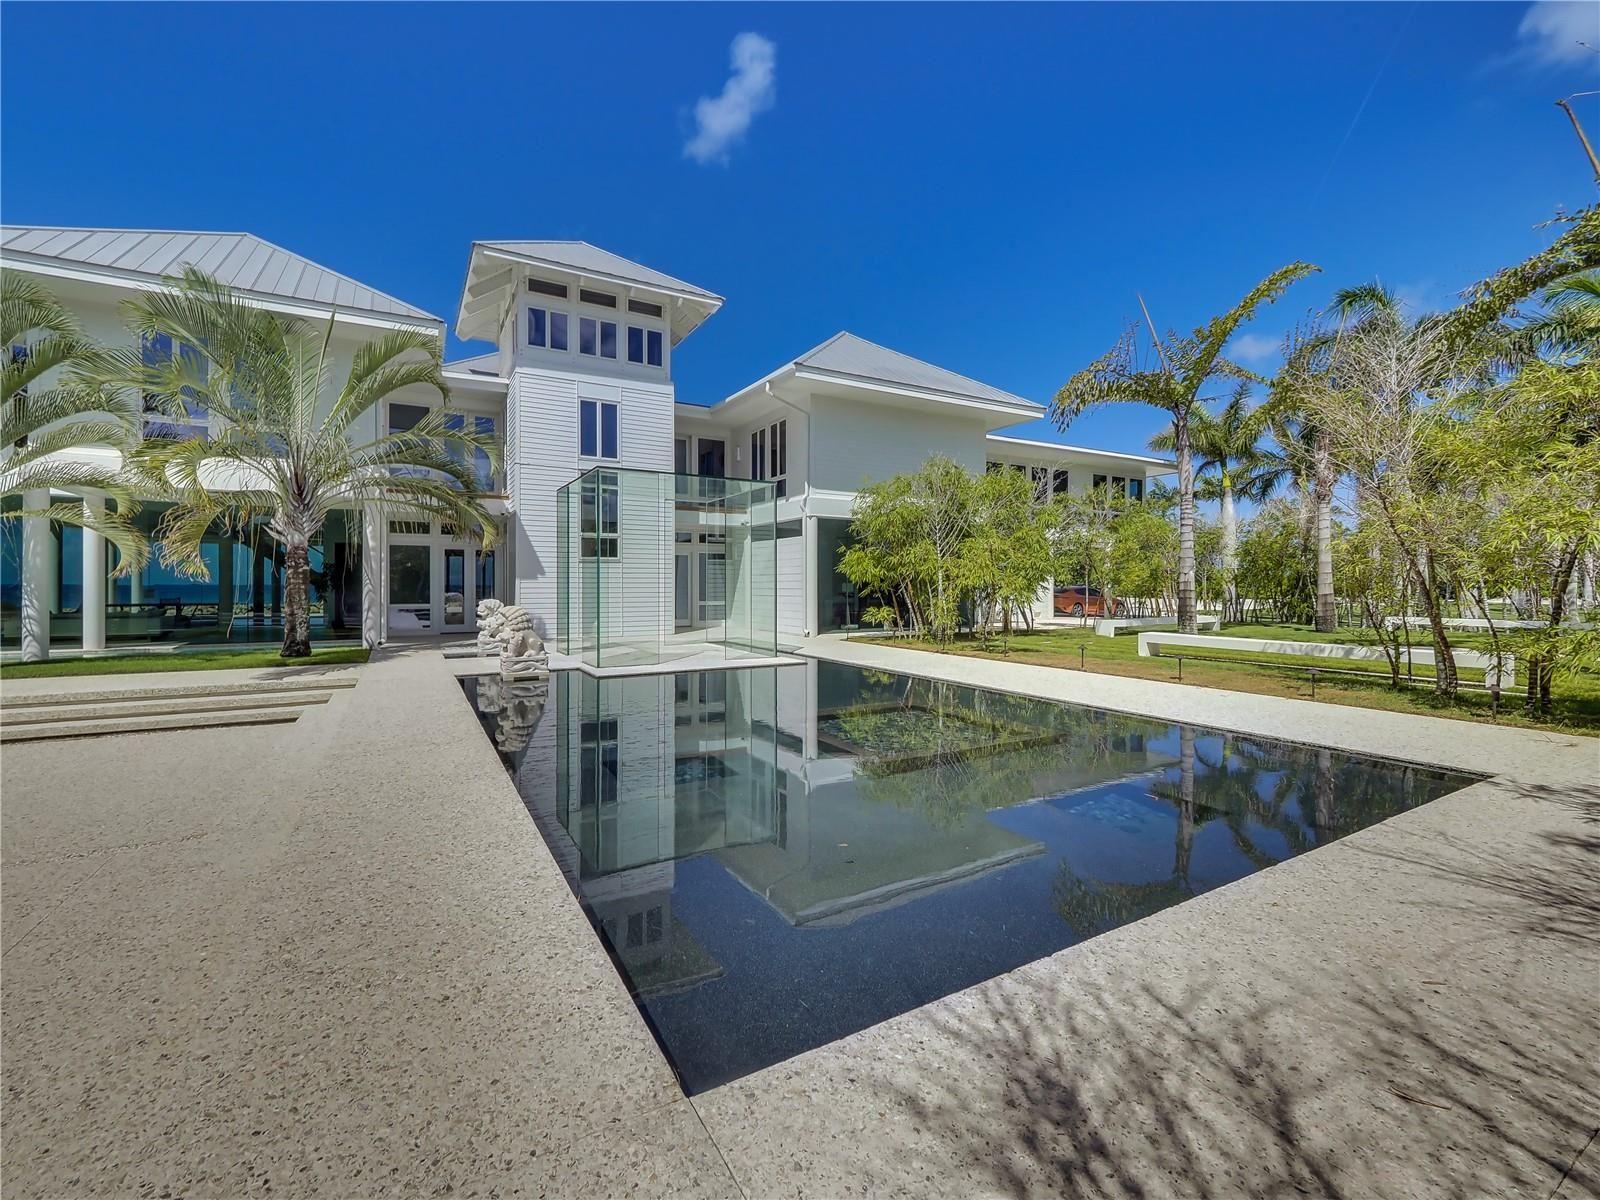 7712-7711-7660 SANDERLING ROAD                                                                               Sarasota                                                                      , FL - $17,900,000